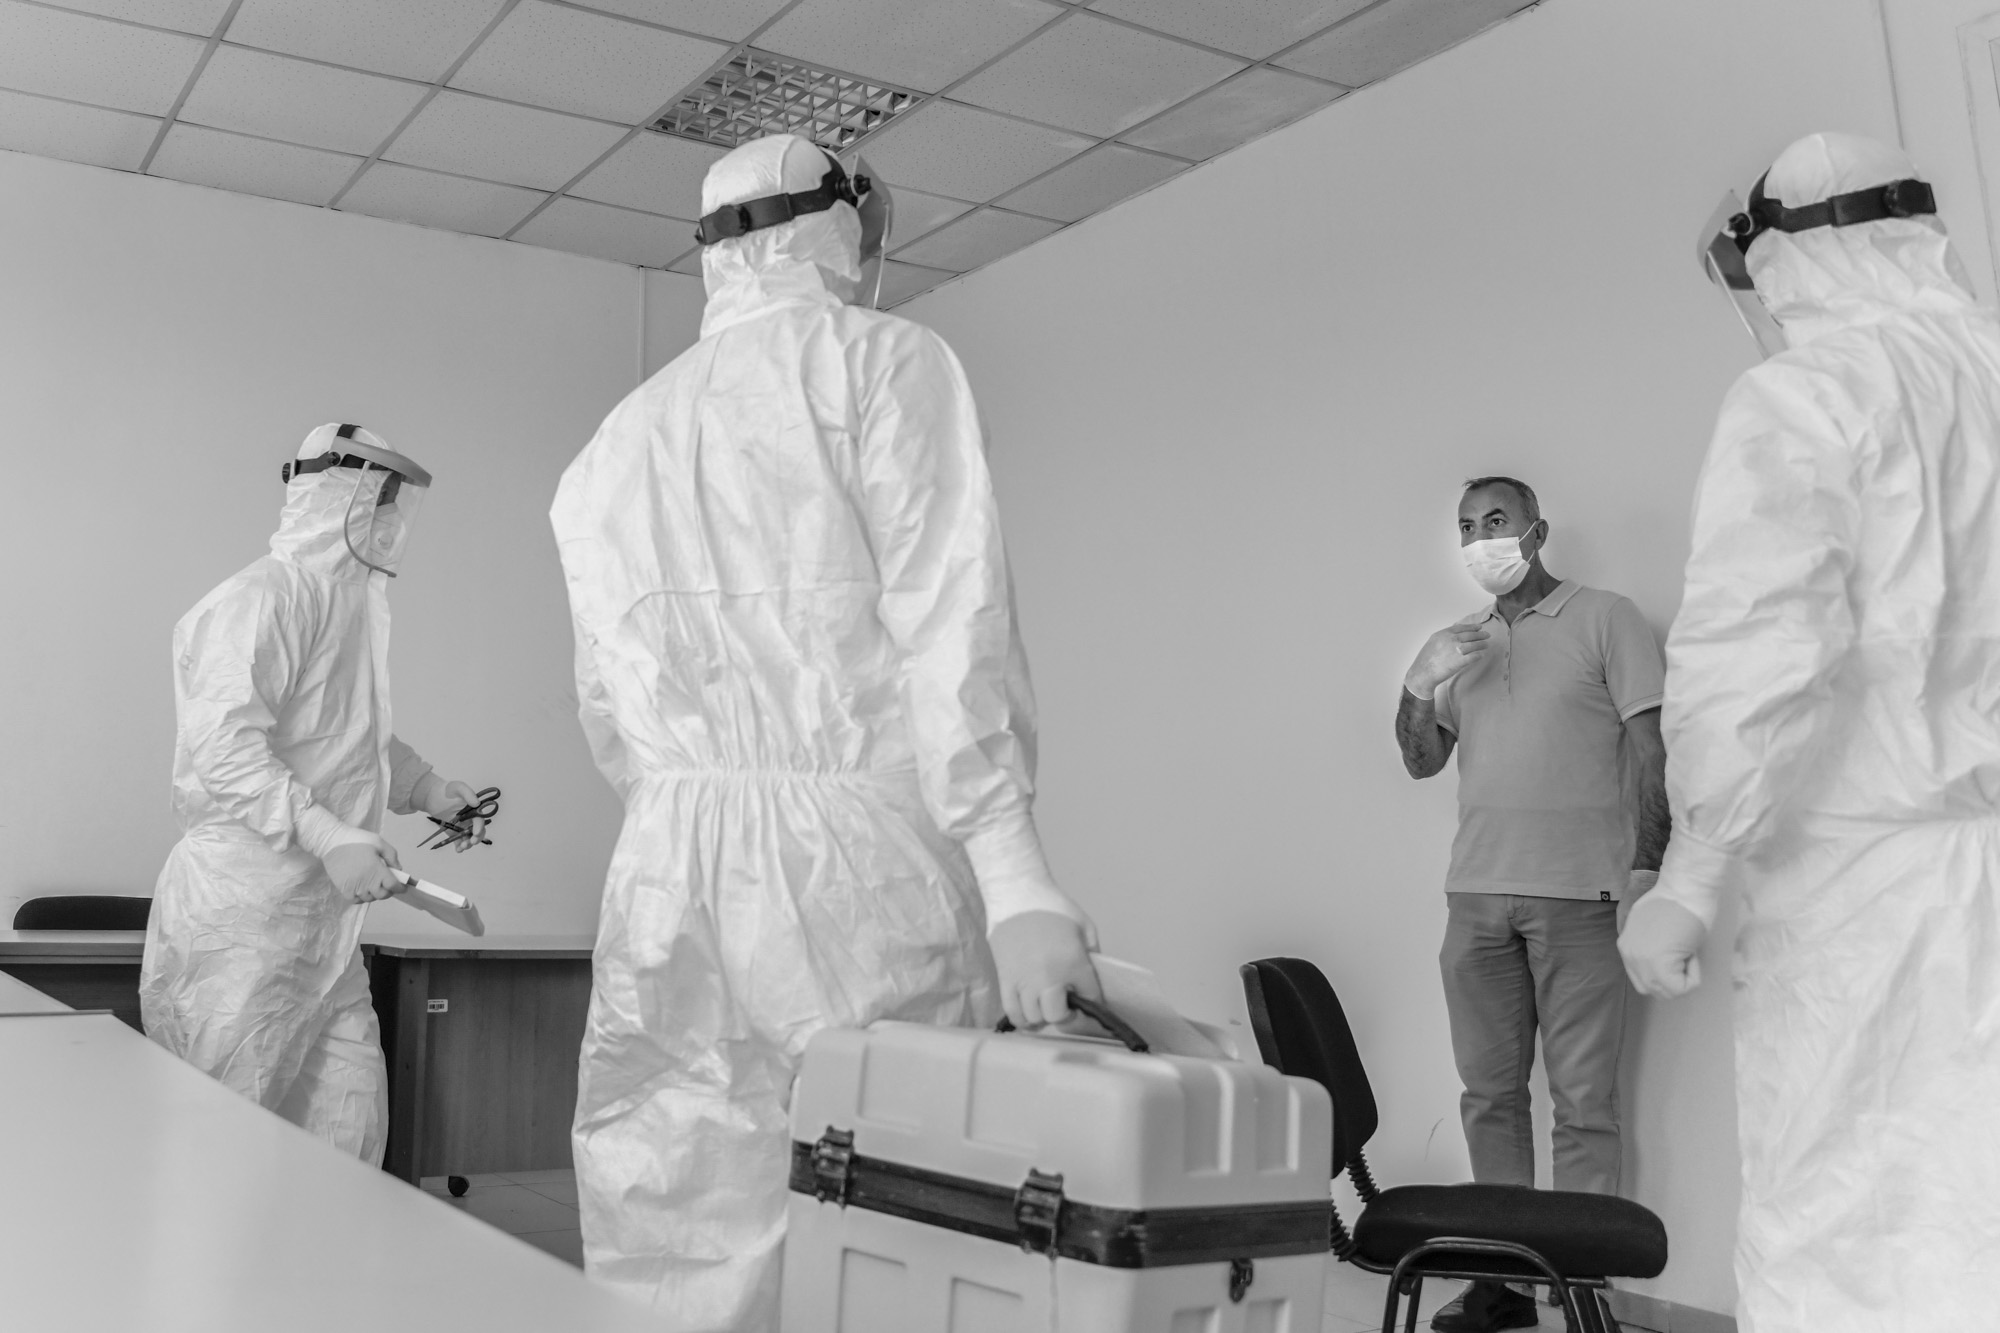 Neke testirane osobe se kolebaju kad vide tehničare u punim zaštitnim odijelima.